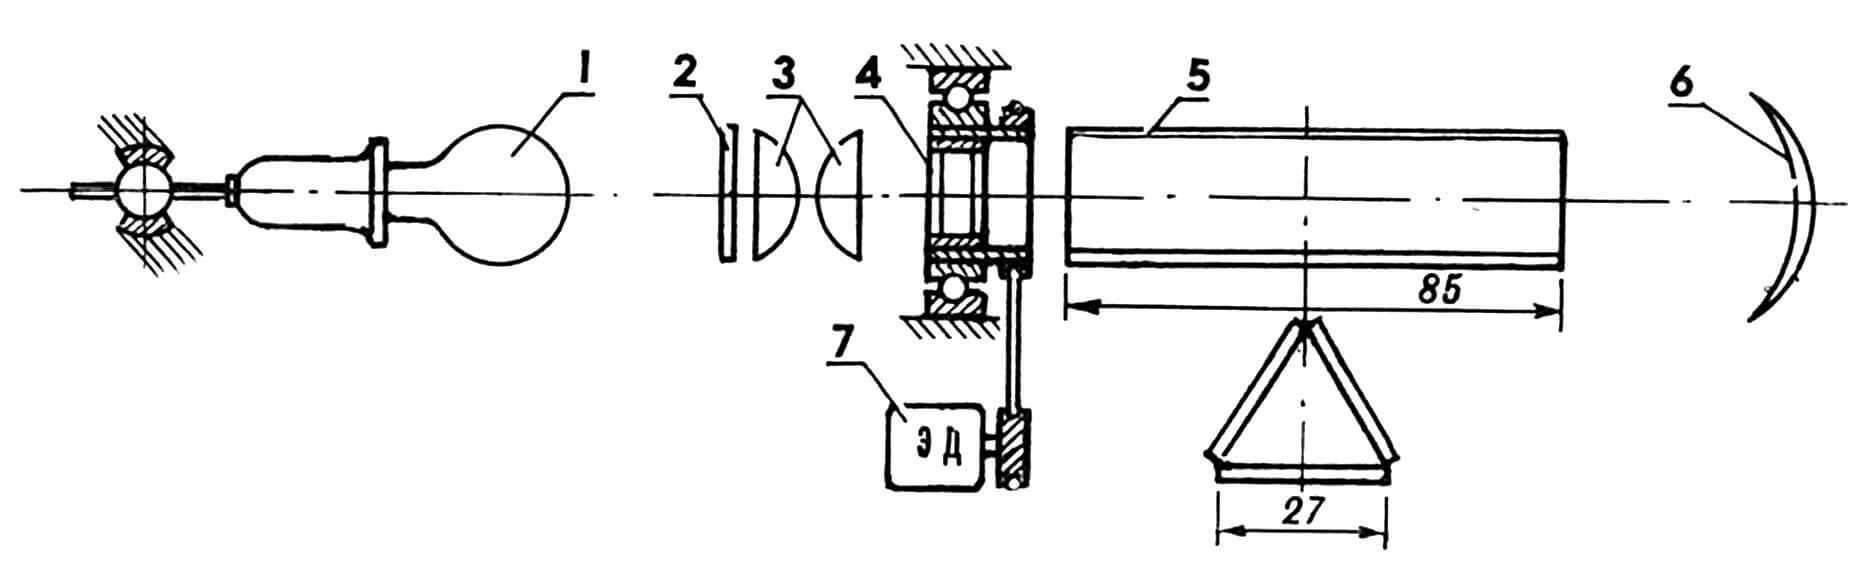 Проекционная установка с калейдоскопом (из обычного увеличителя) и принципиальная схема: 1— источник света, 2 — матовое стекло, 3 — конденсор, 4 — поворачивающее устройство с приводом от электродвигателя, 5 — калейдоскоп, 6 — оптическая система, 7 — электродвигатель.